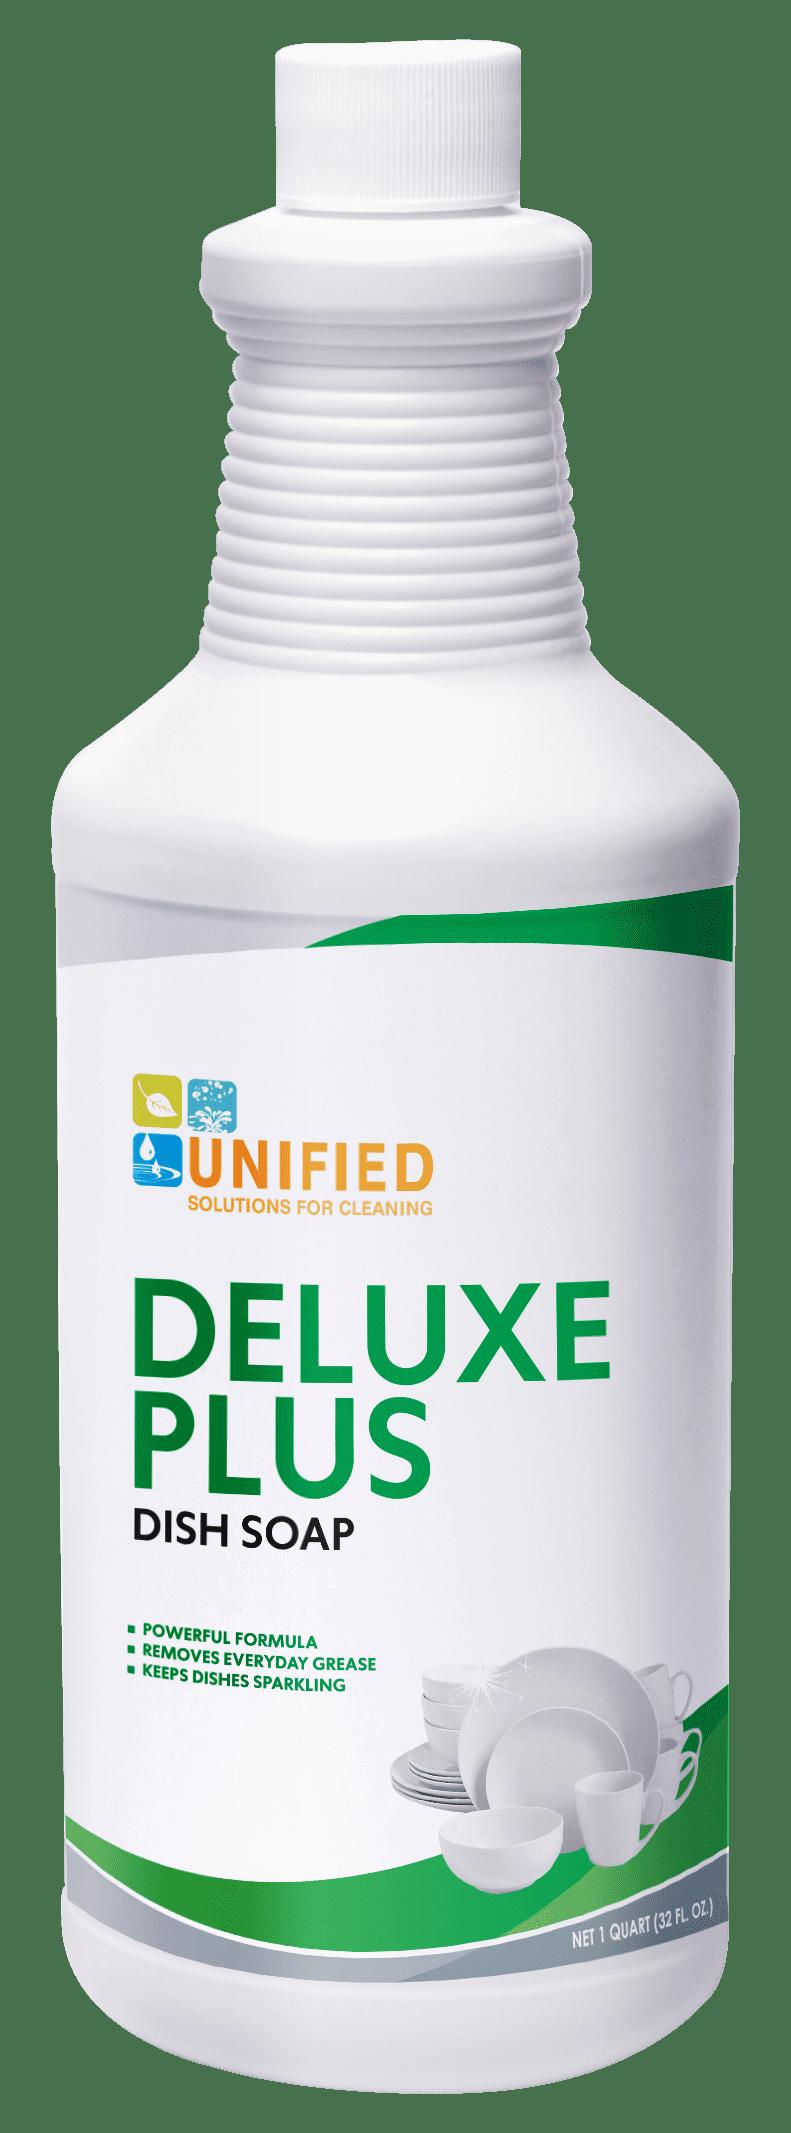 Unified_Deluxe_Plus_Disp_Soap_-_Quartz